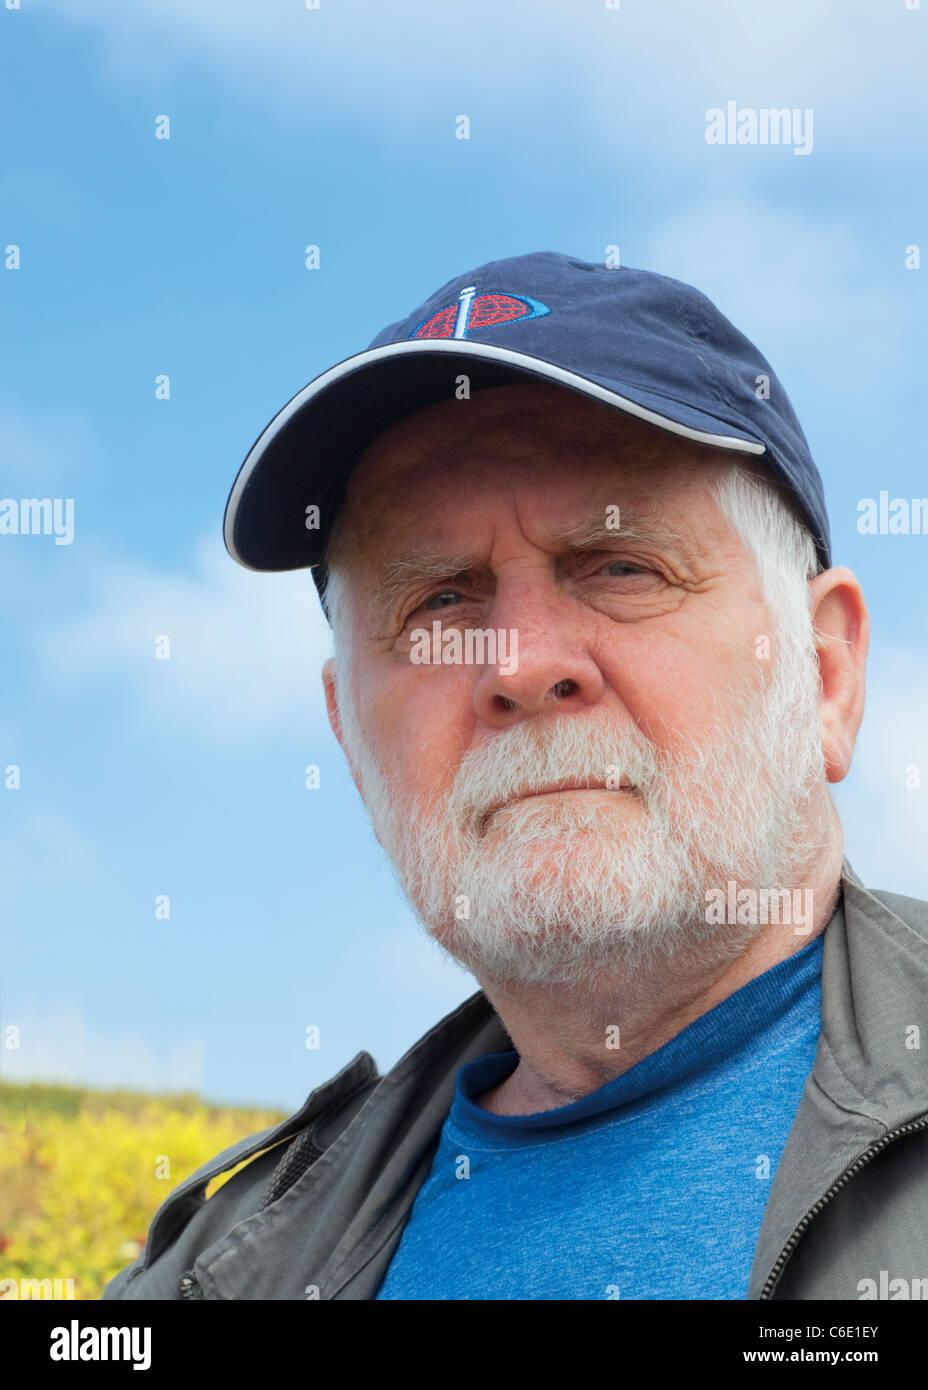 65-70 años Hombre Barbado. Foto de stock